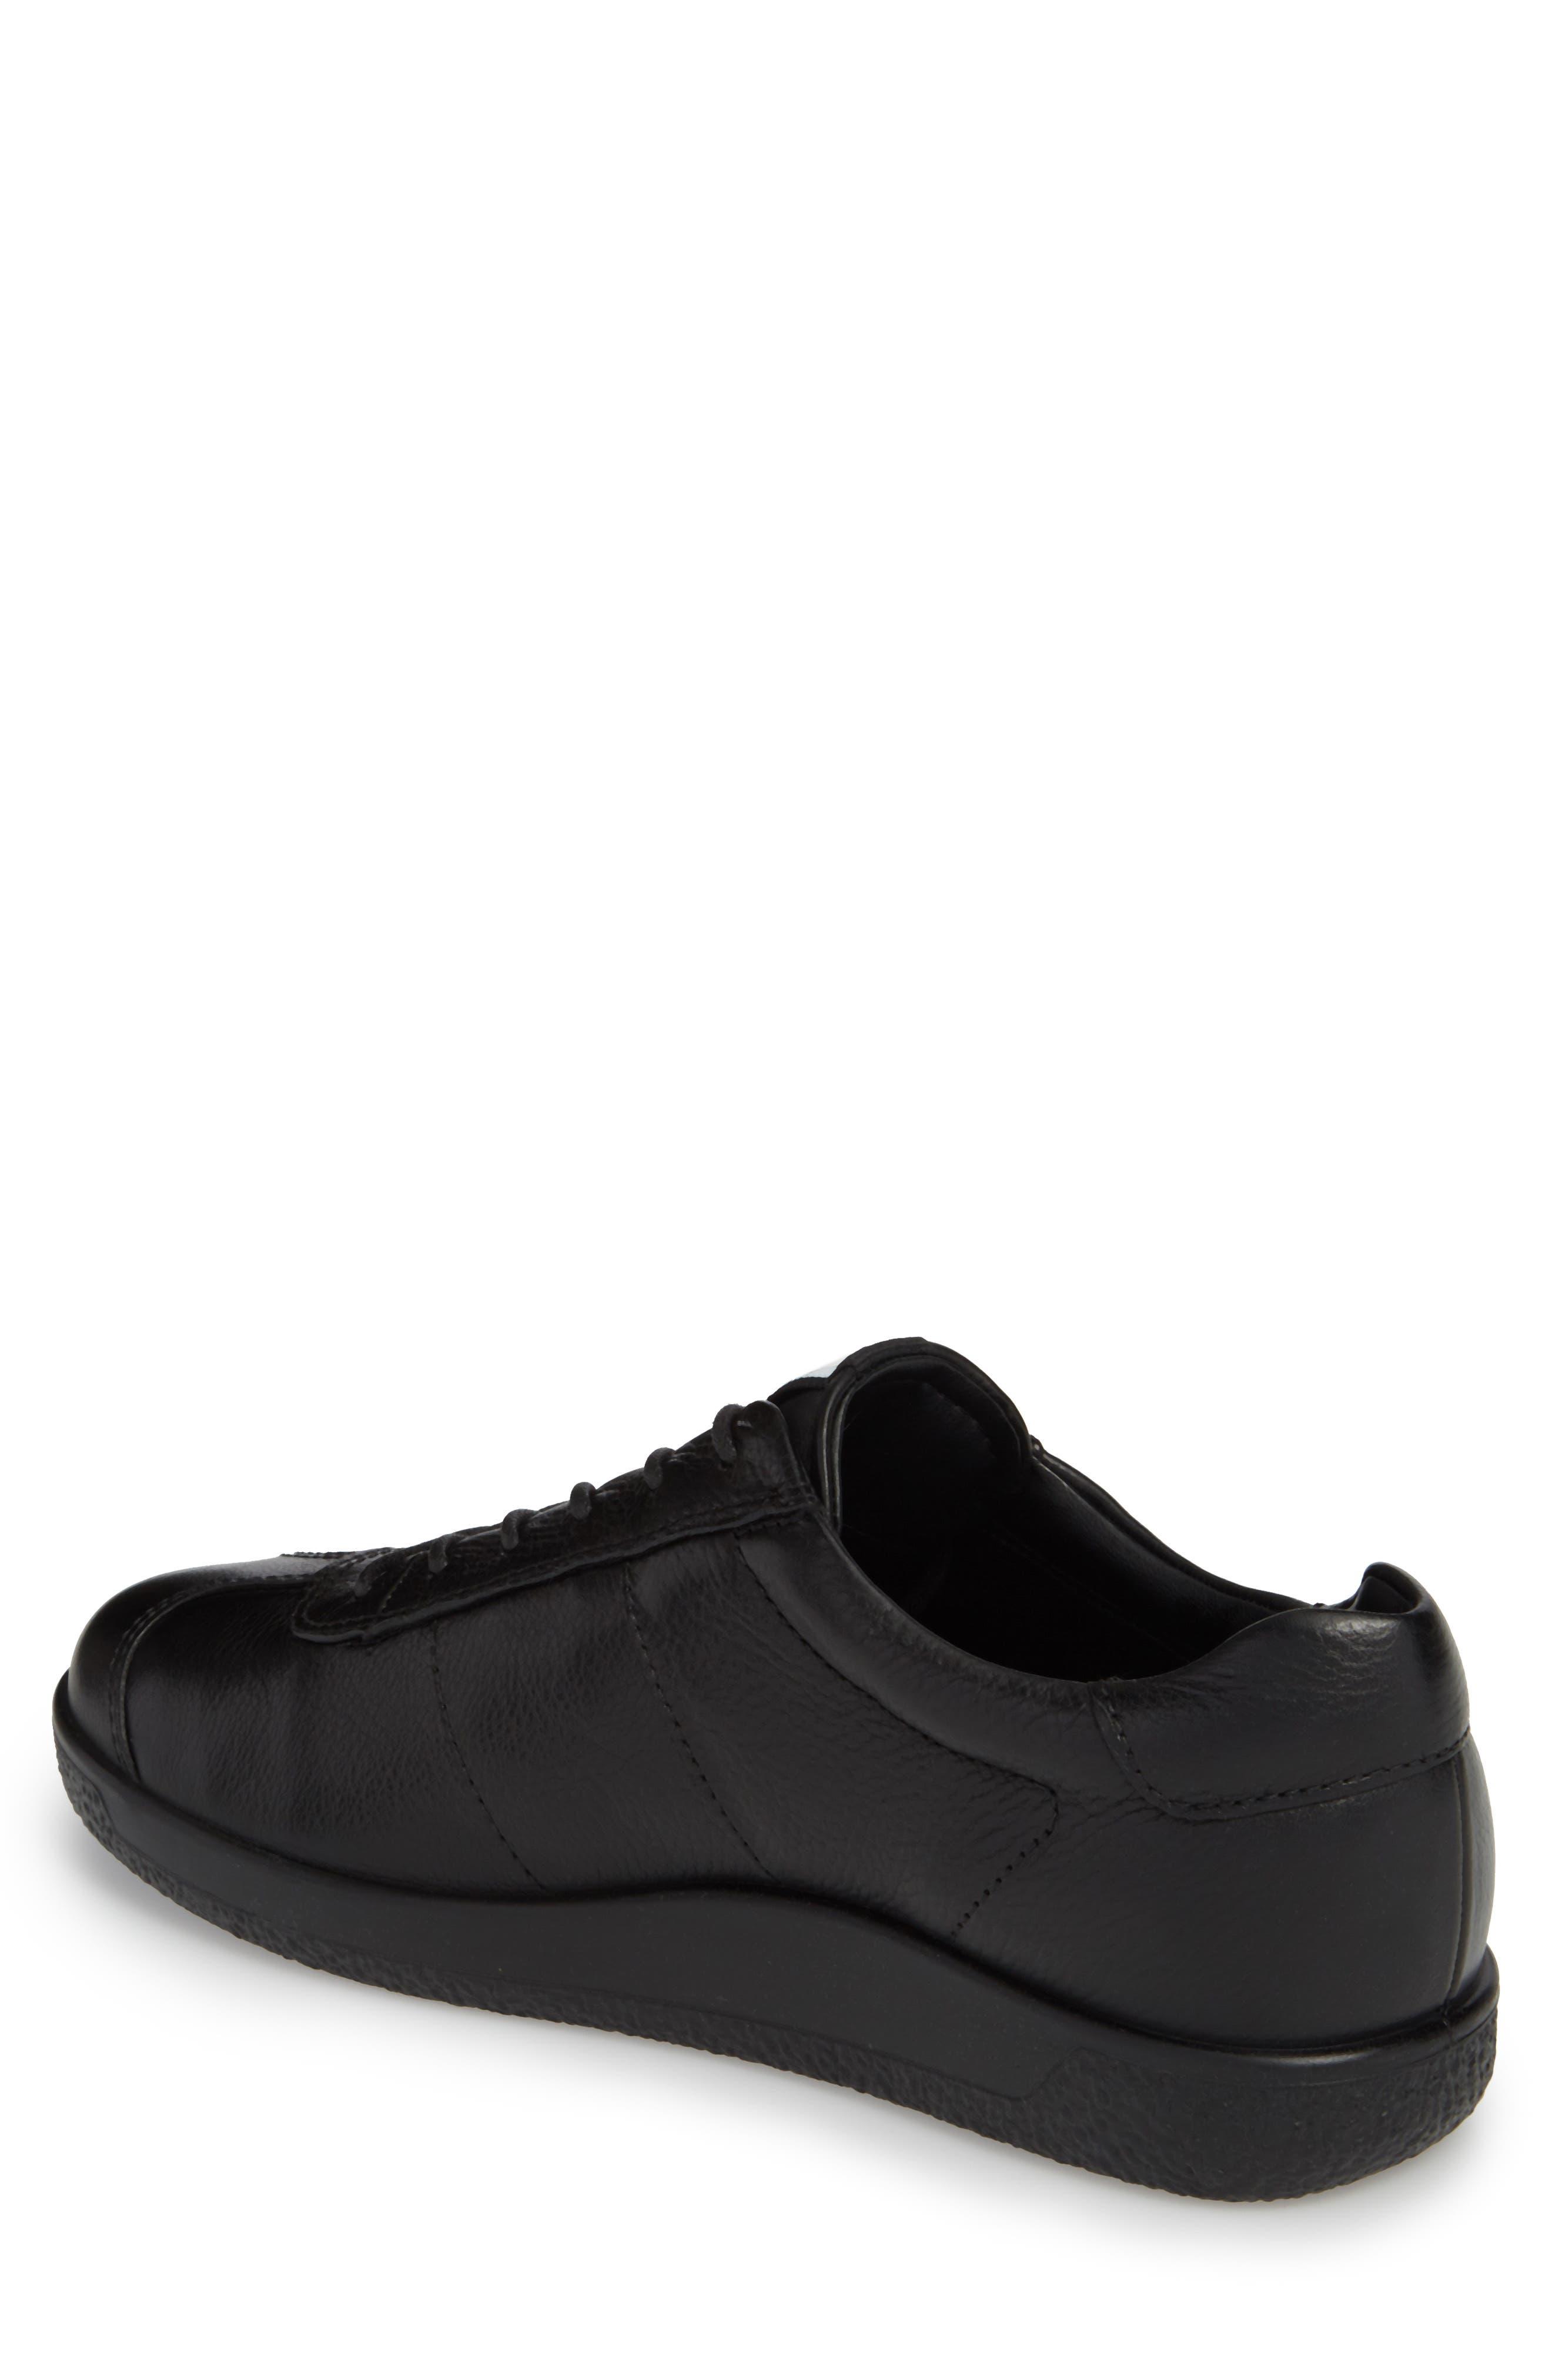 Soft 1 Sneaker,                             Alternate thumbnail 2, color,                             008